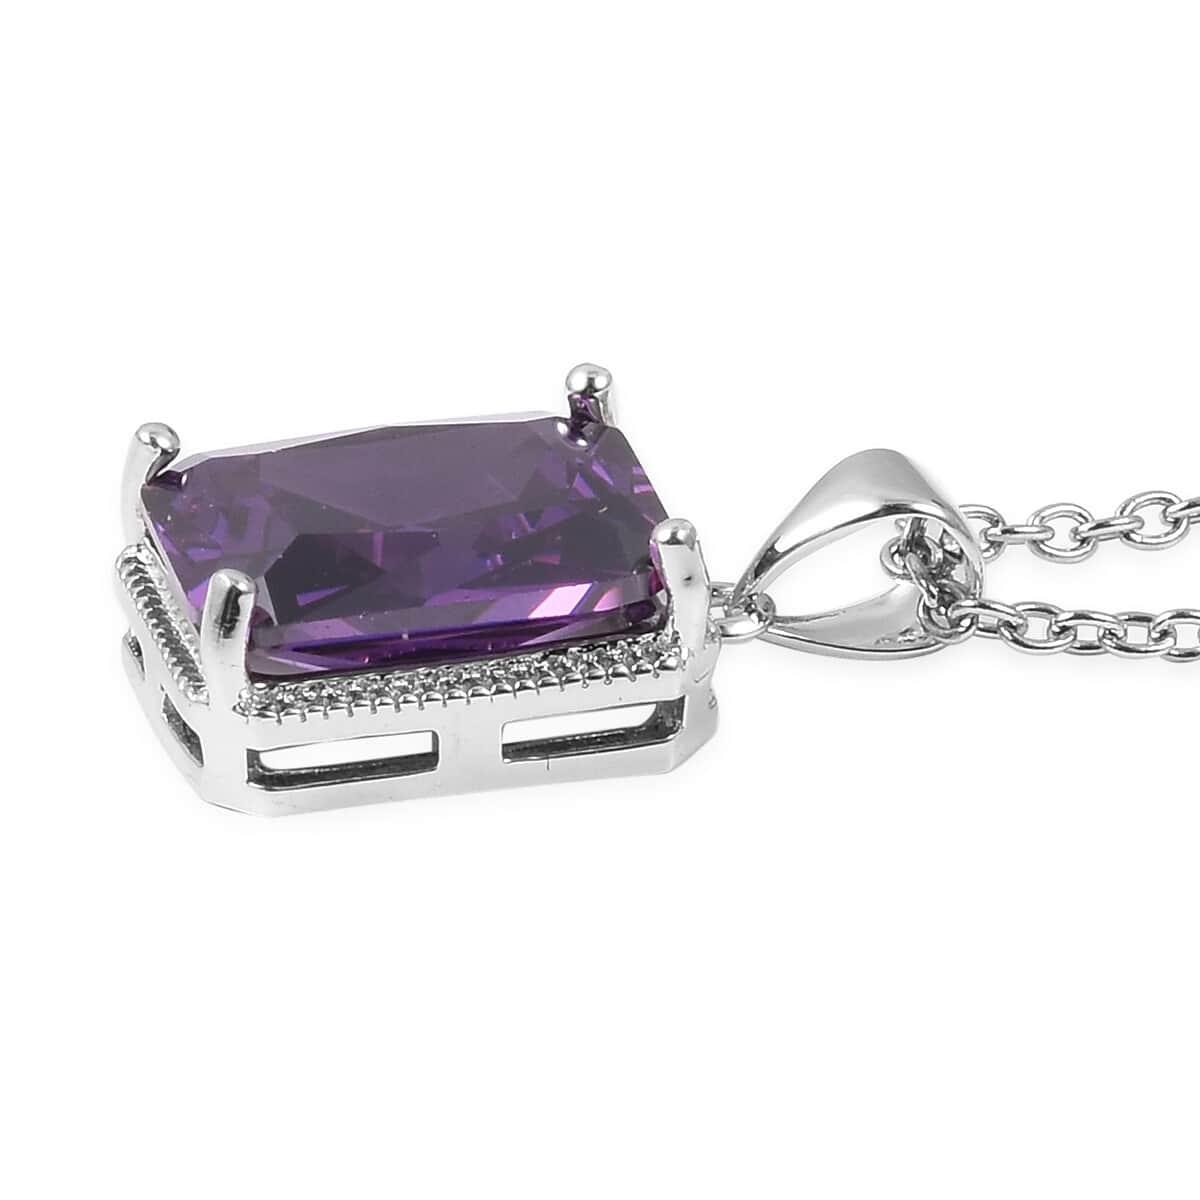 12-Color-Options-Cubic-Zirconia-Bracelet-Chain-Pendant-Necklace-Set-Adjustable thumbnail 76